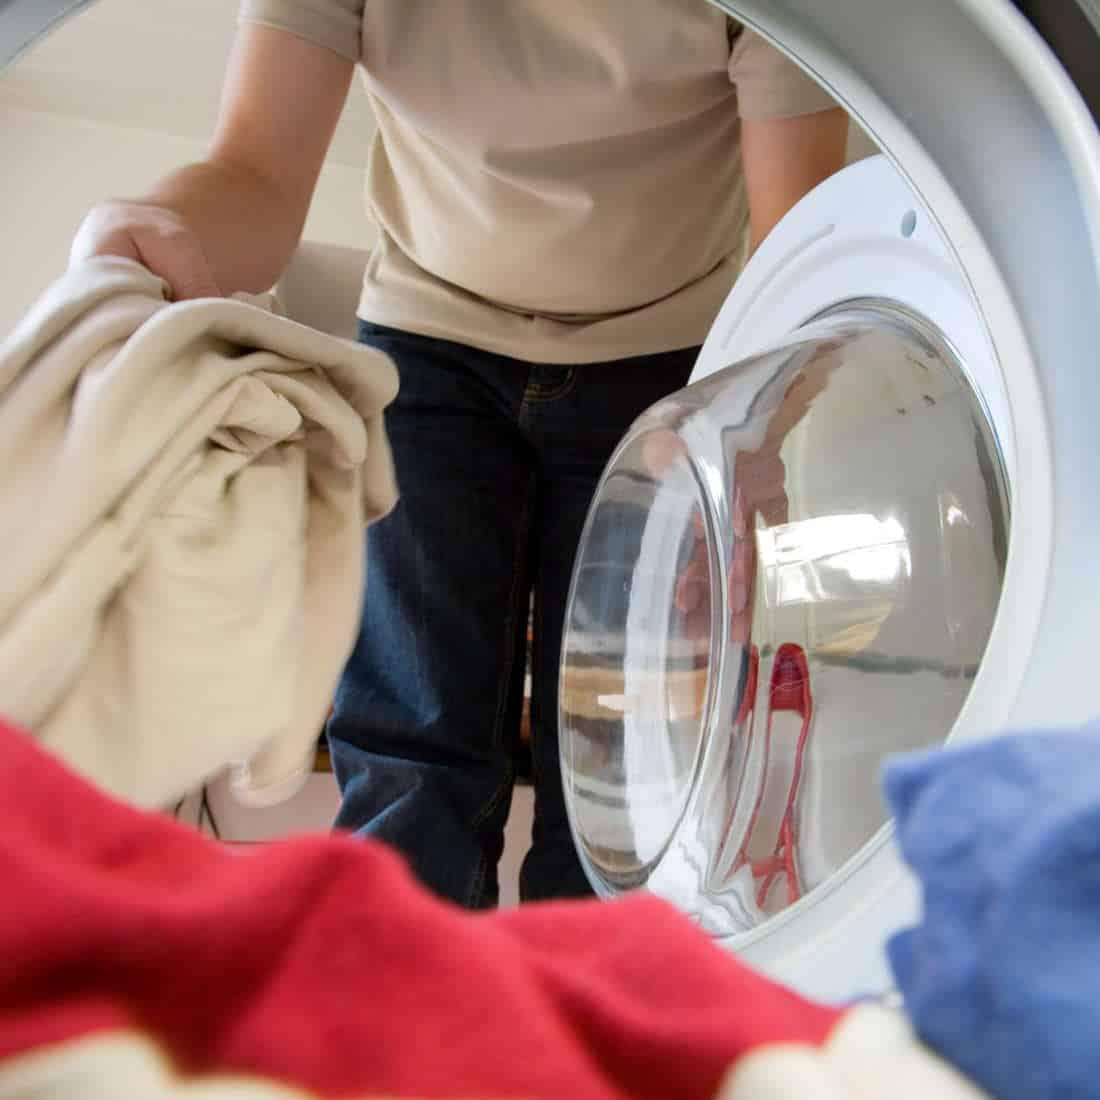 Cómo limpiar la lavadora imagen destacada